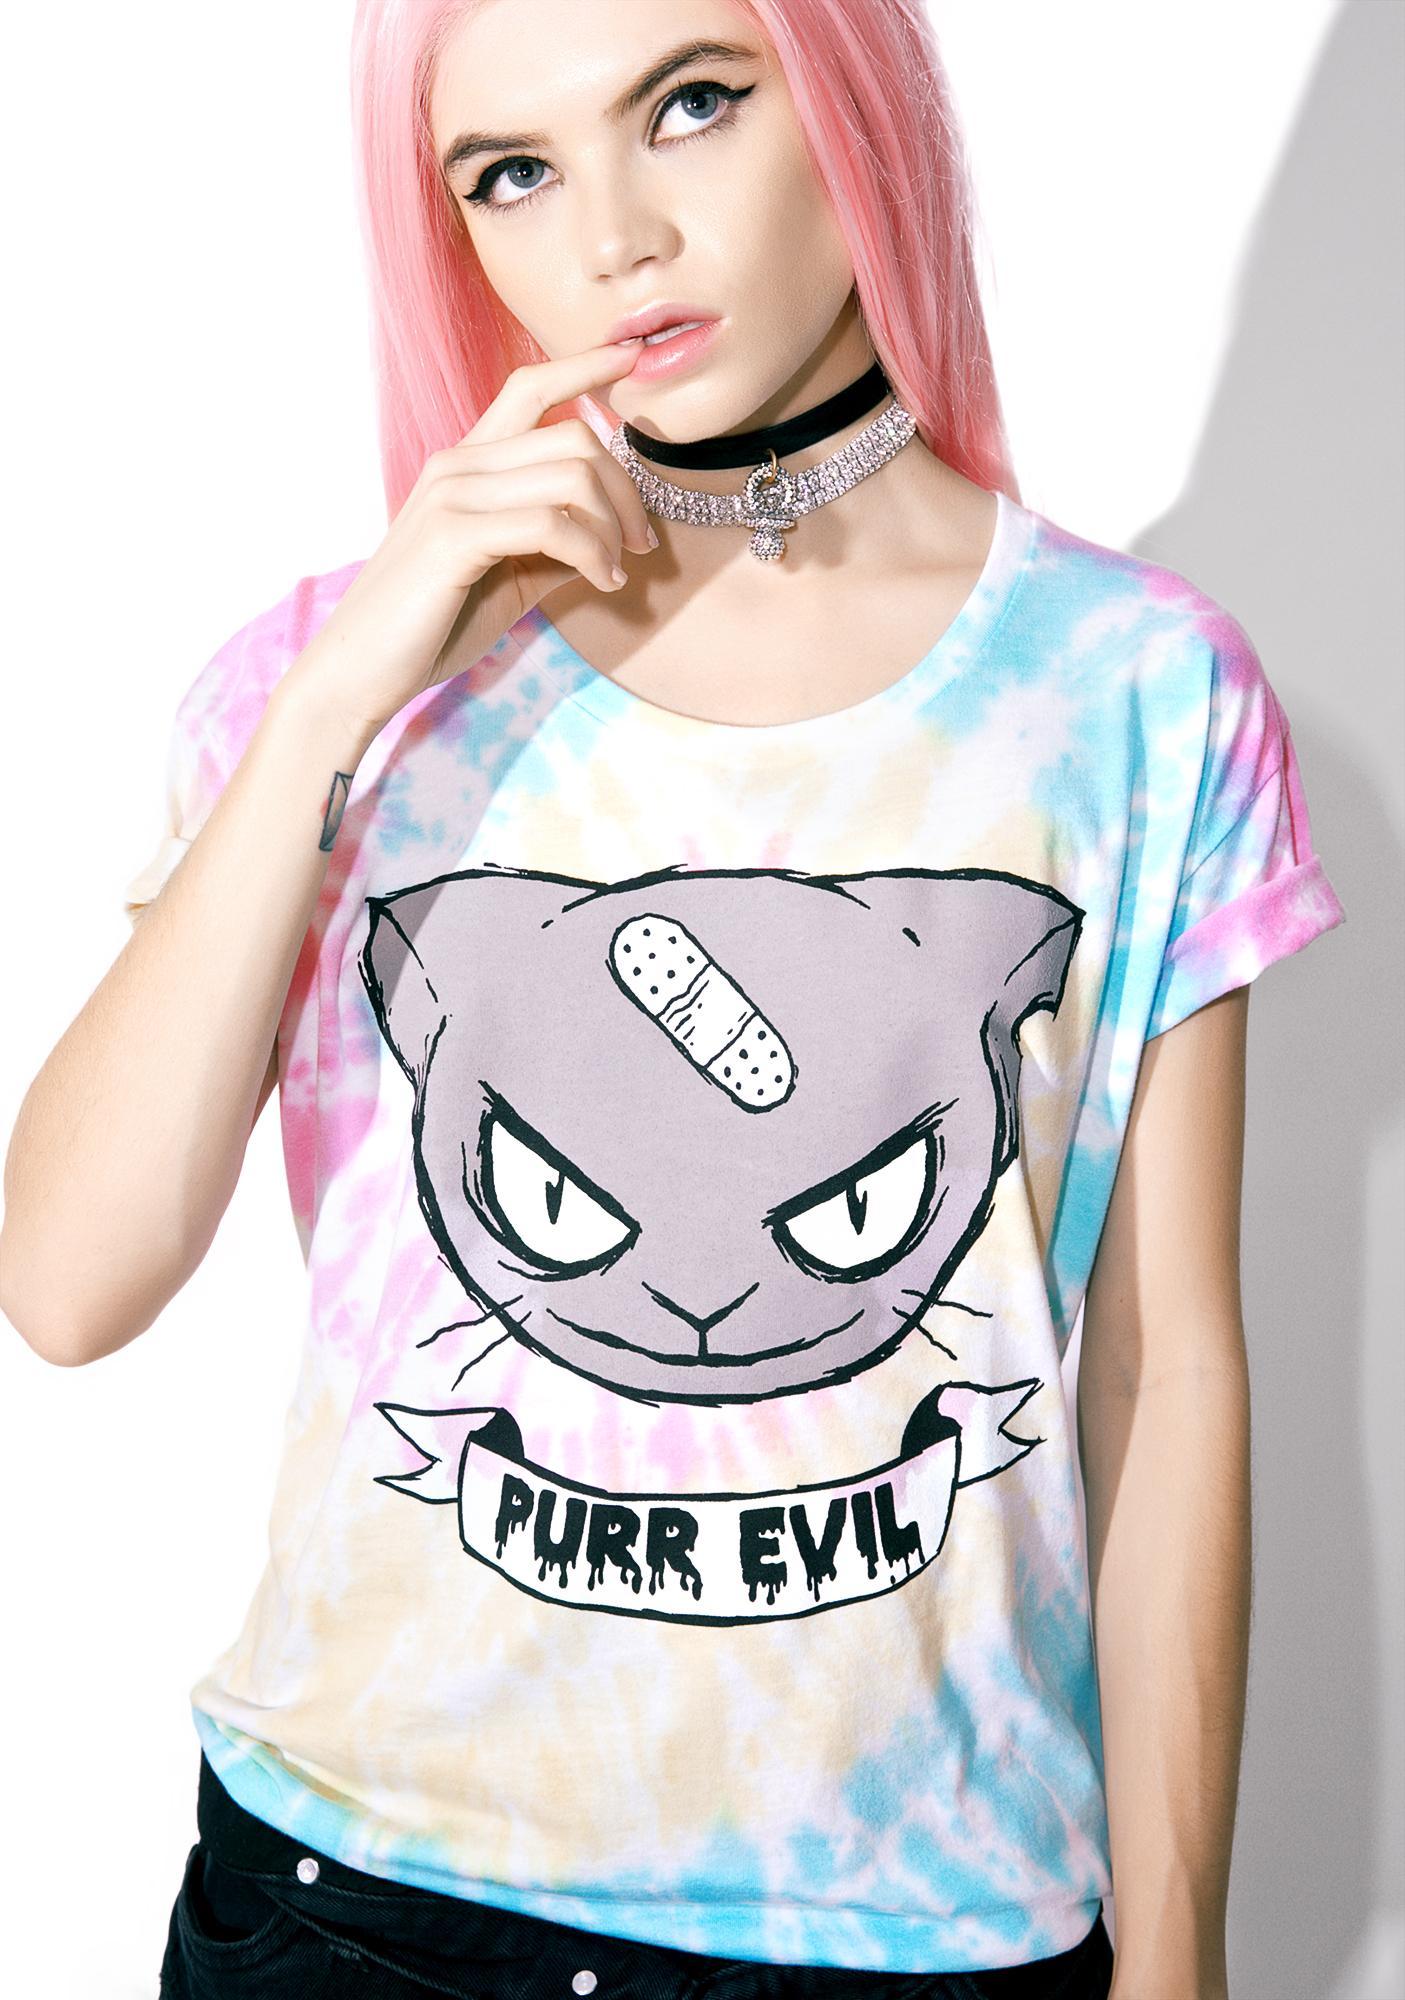 Purr Evil Tie Dye Tee